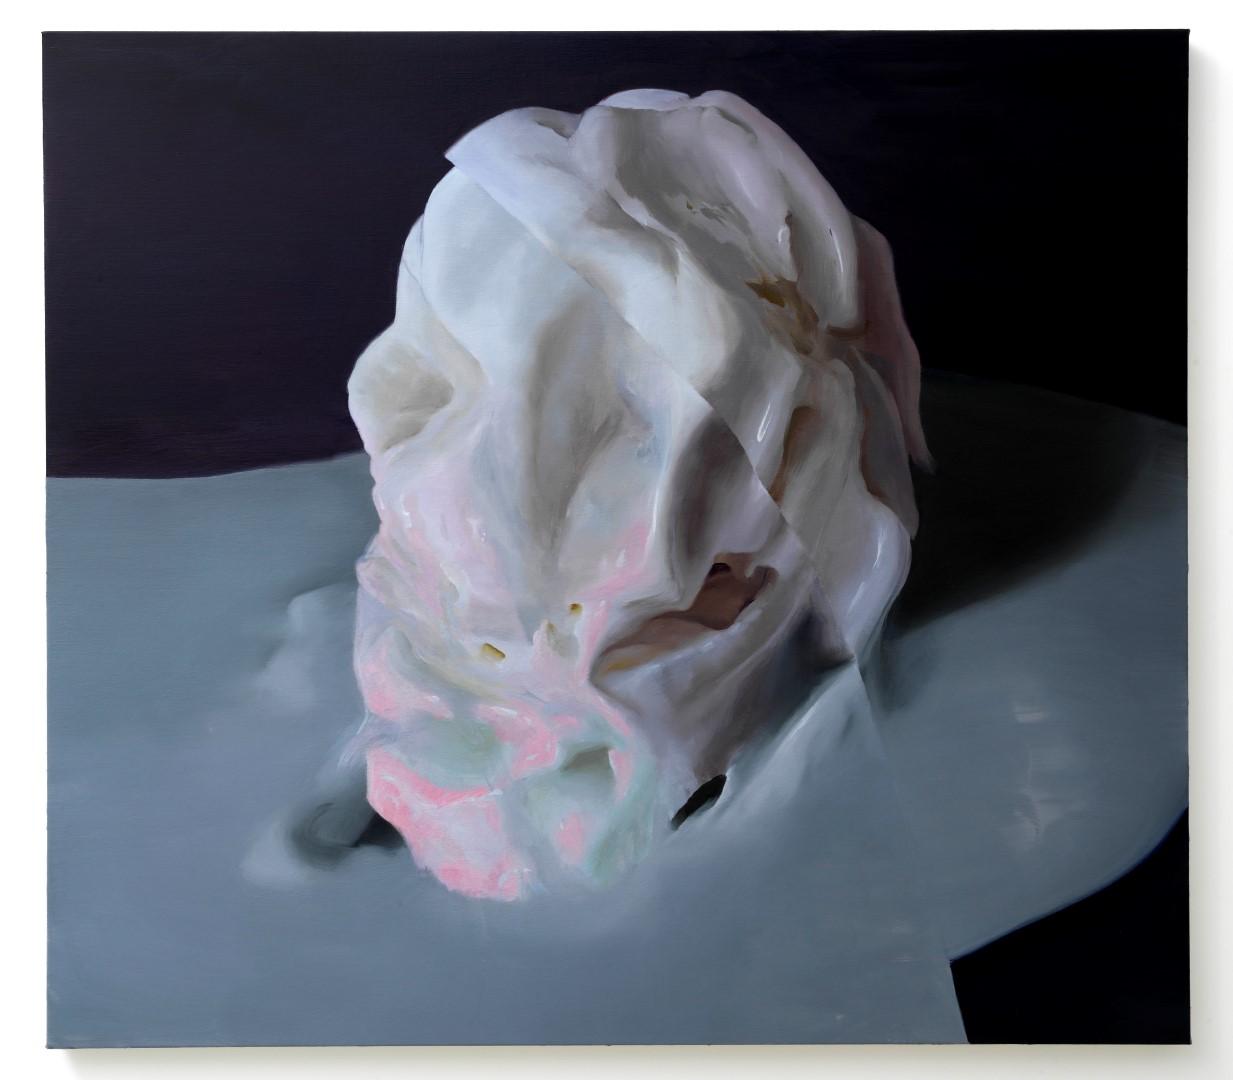 janice mcnab, skull, 2020